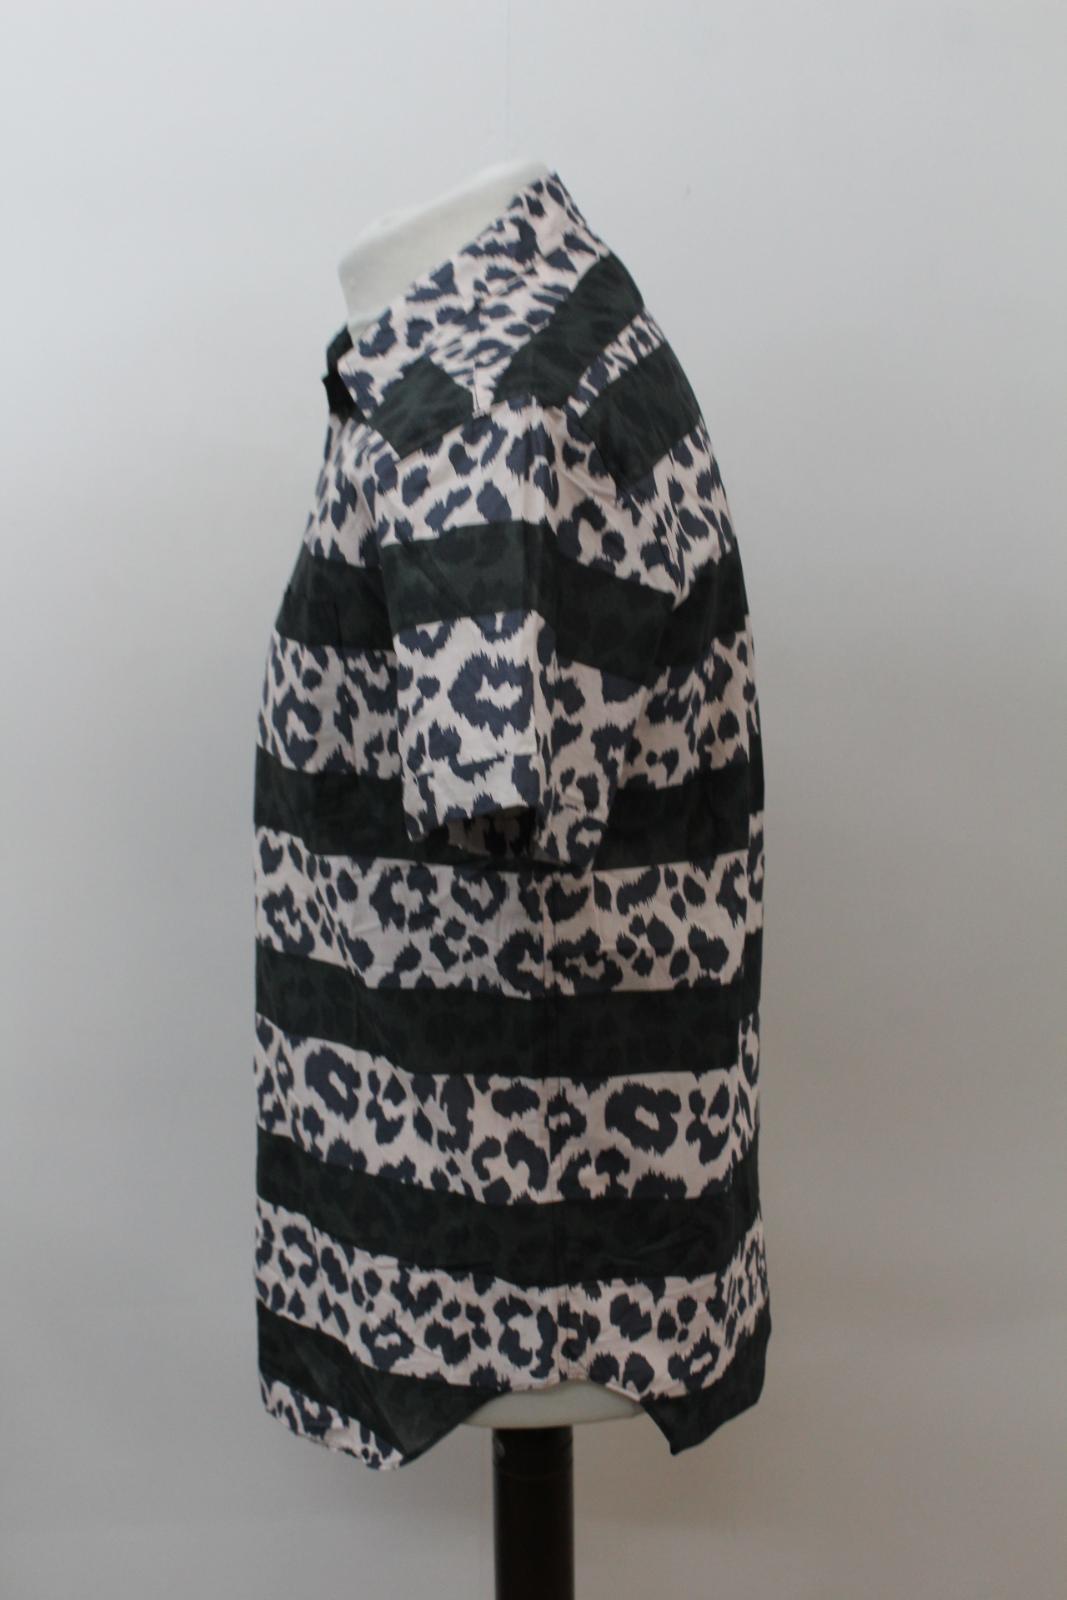 MARC-BY-MARC-JACOBS-Men-039-s-Beige-Black-Cotton-Leopard-Print-Stripe-Casual-Shirt-M thumbnail 6